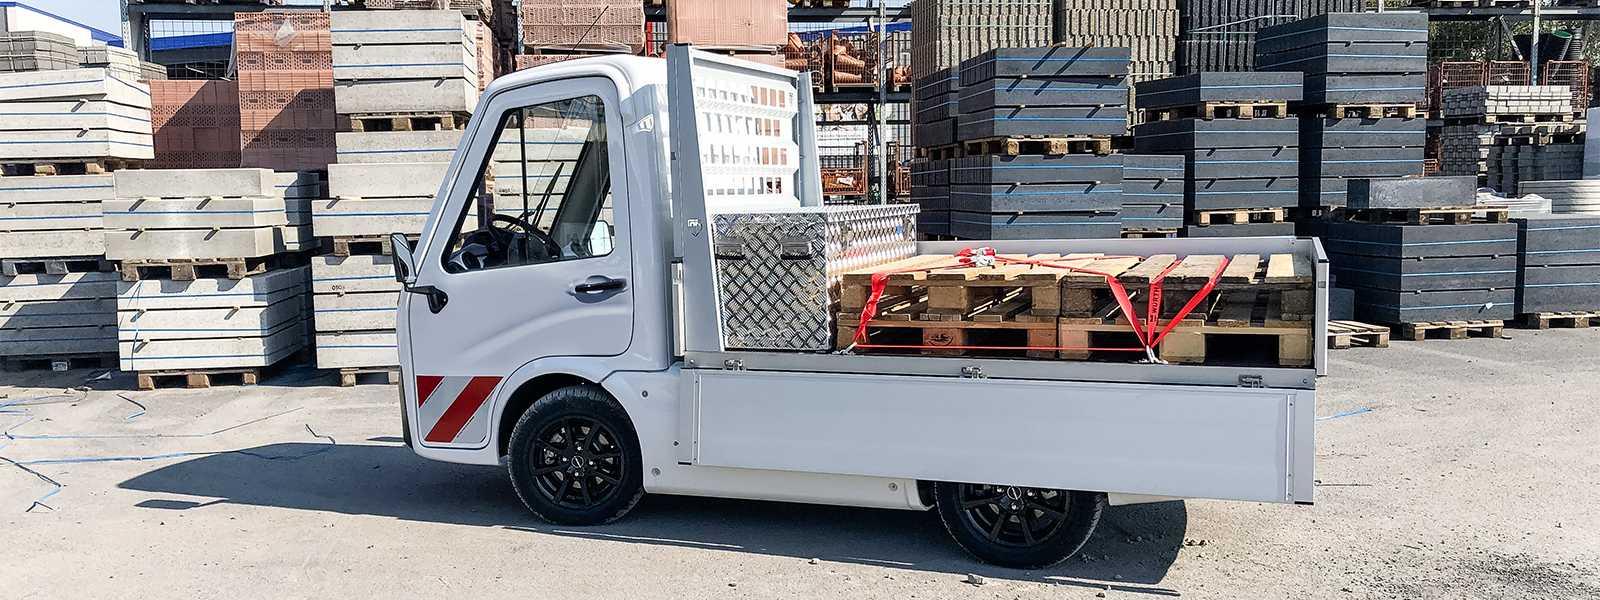 R tropos motors europe able baustoffhandel